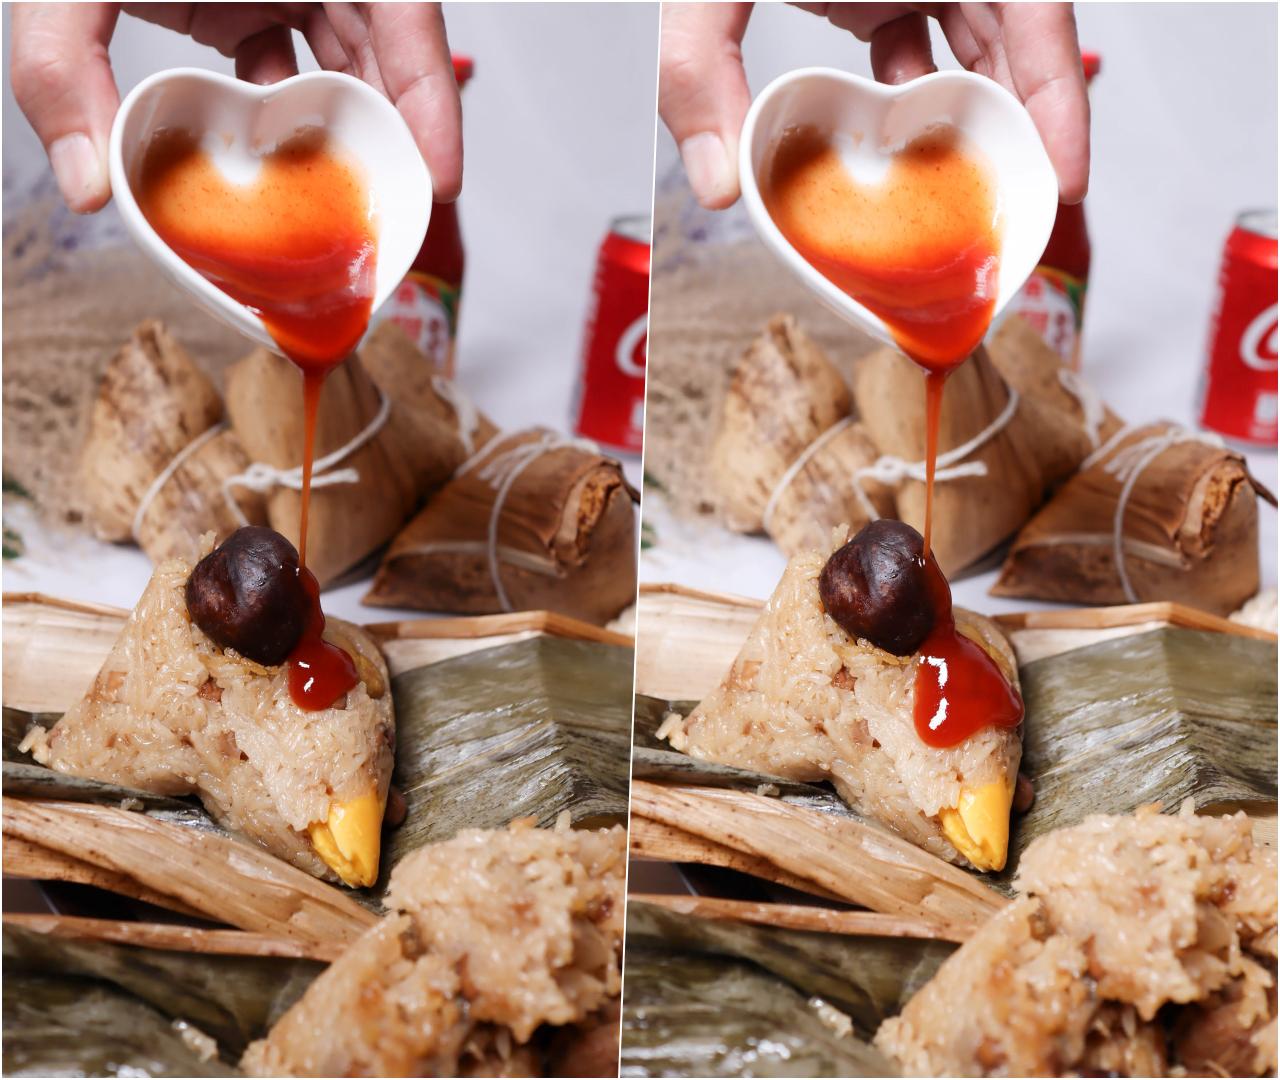 2021宅配端午節粽子推薦-貞榮小館一見粽情蛋黃爌肉粽一次加入了南部粽與北部粽的特色,米粒粒粒分明不軟糊,加入多種精選食材 @Nancy將的生活筆計本